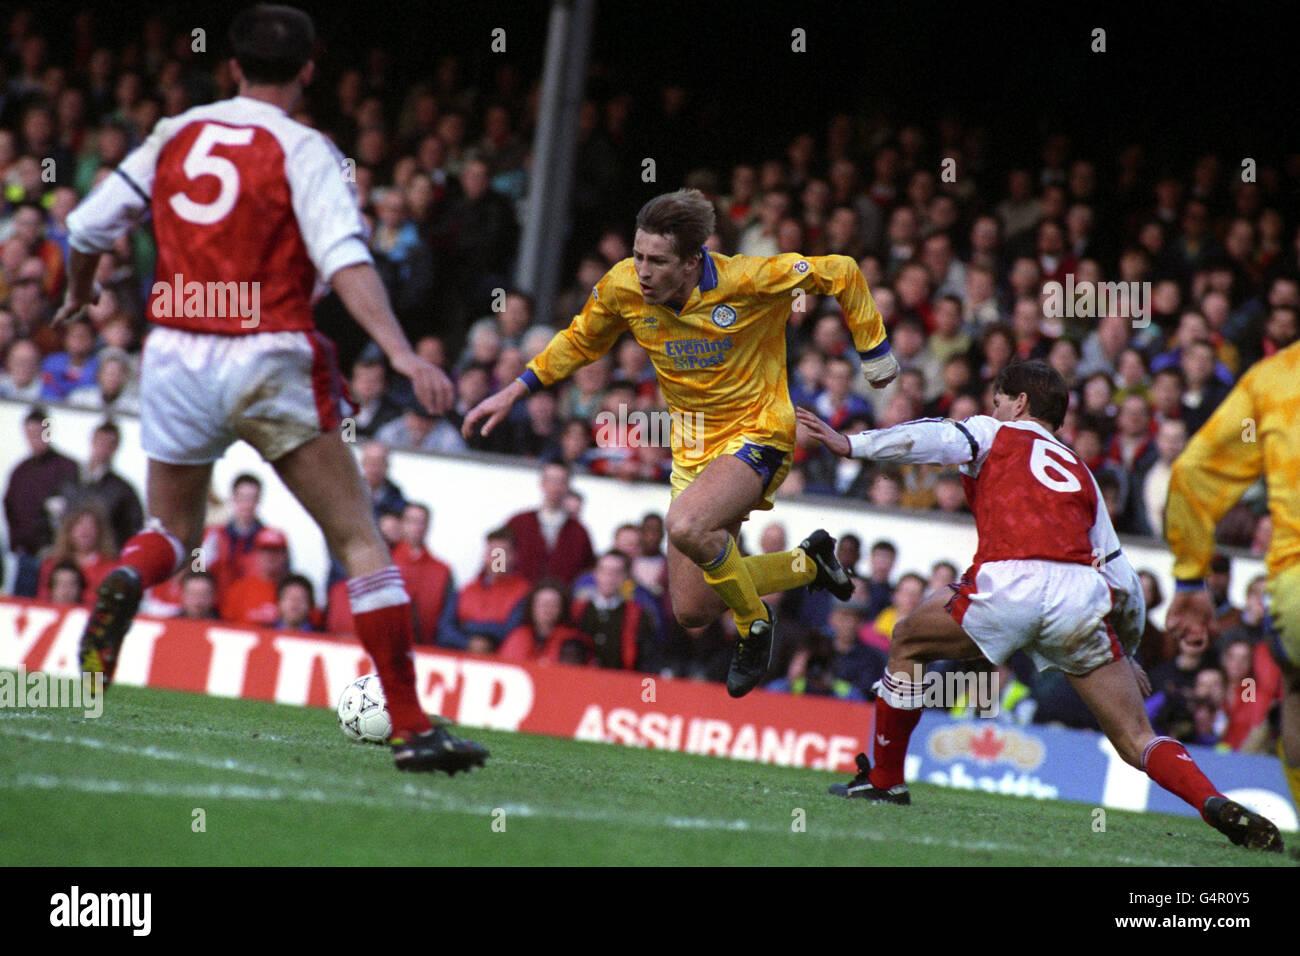 Soccer - Barclays League Division One - Arsenal v Leeds United - Highbury Stadium - Stock Image